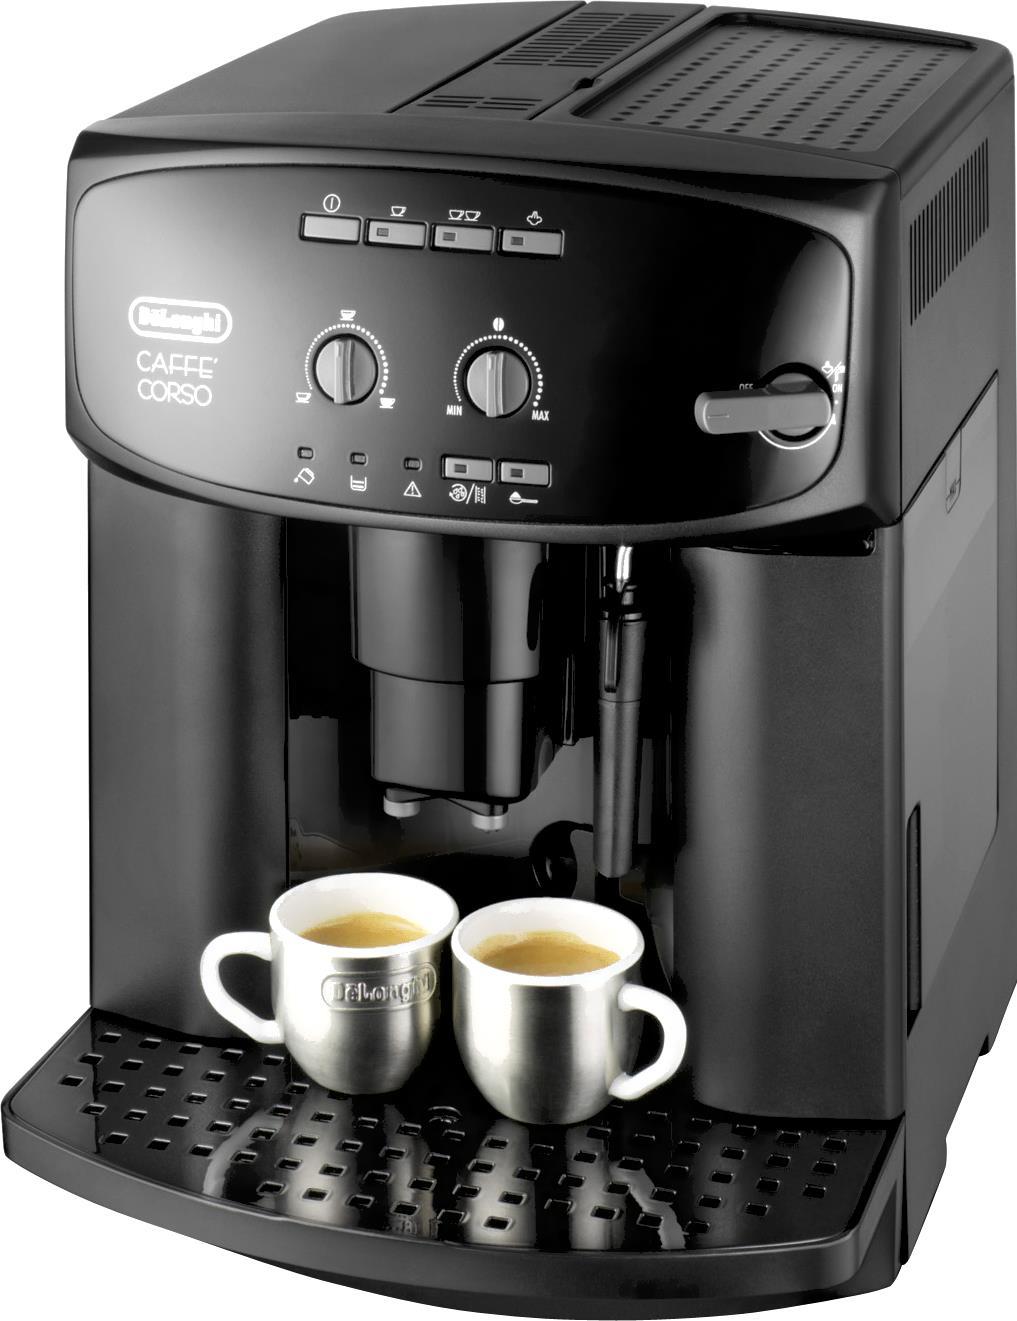 Комплект кофемашина DeLonghi ESAM 2600 EX:1 + кофе KIMBO GOURMET 1 кг